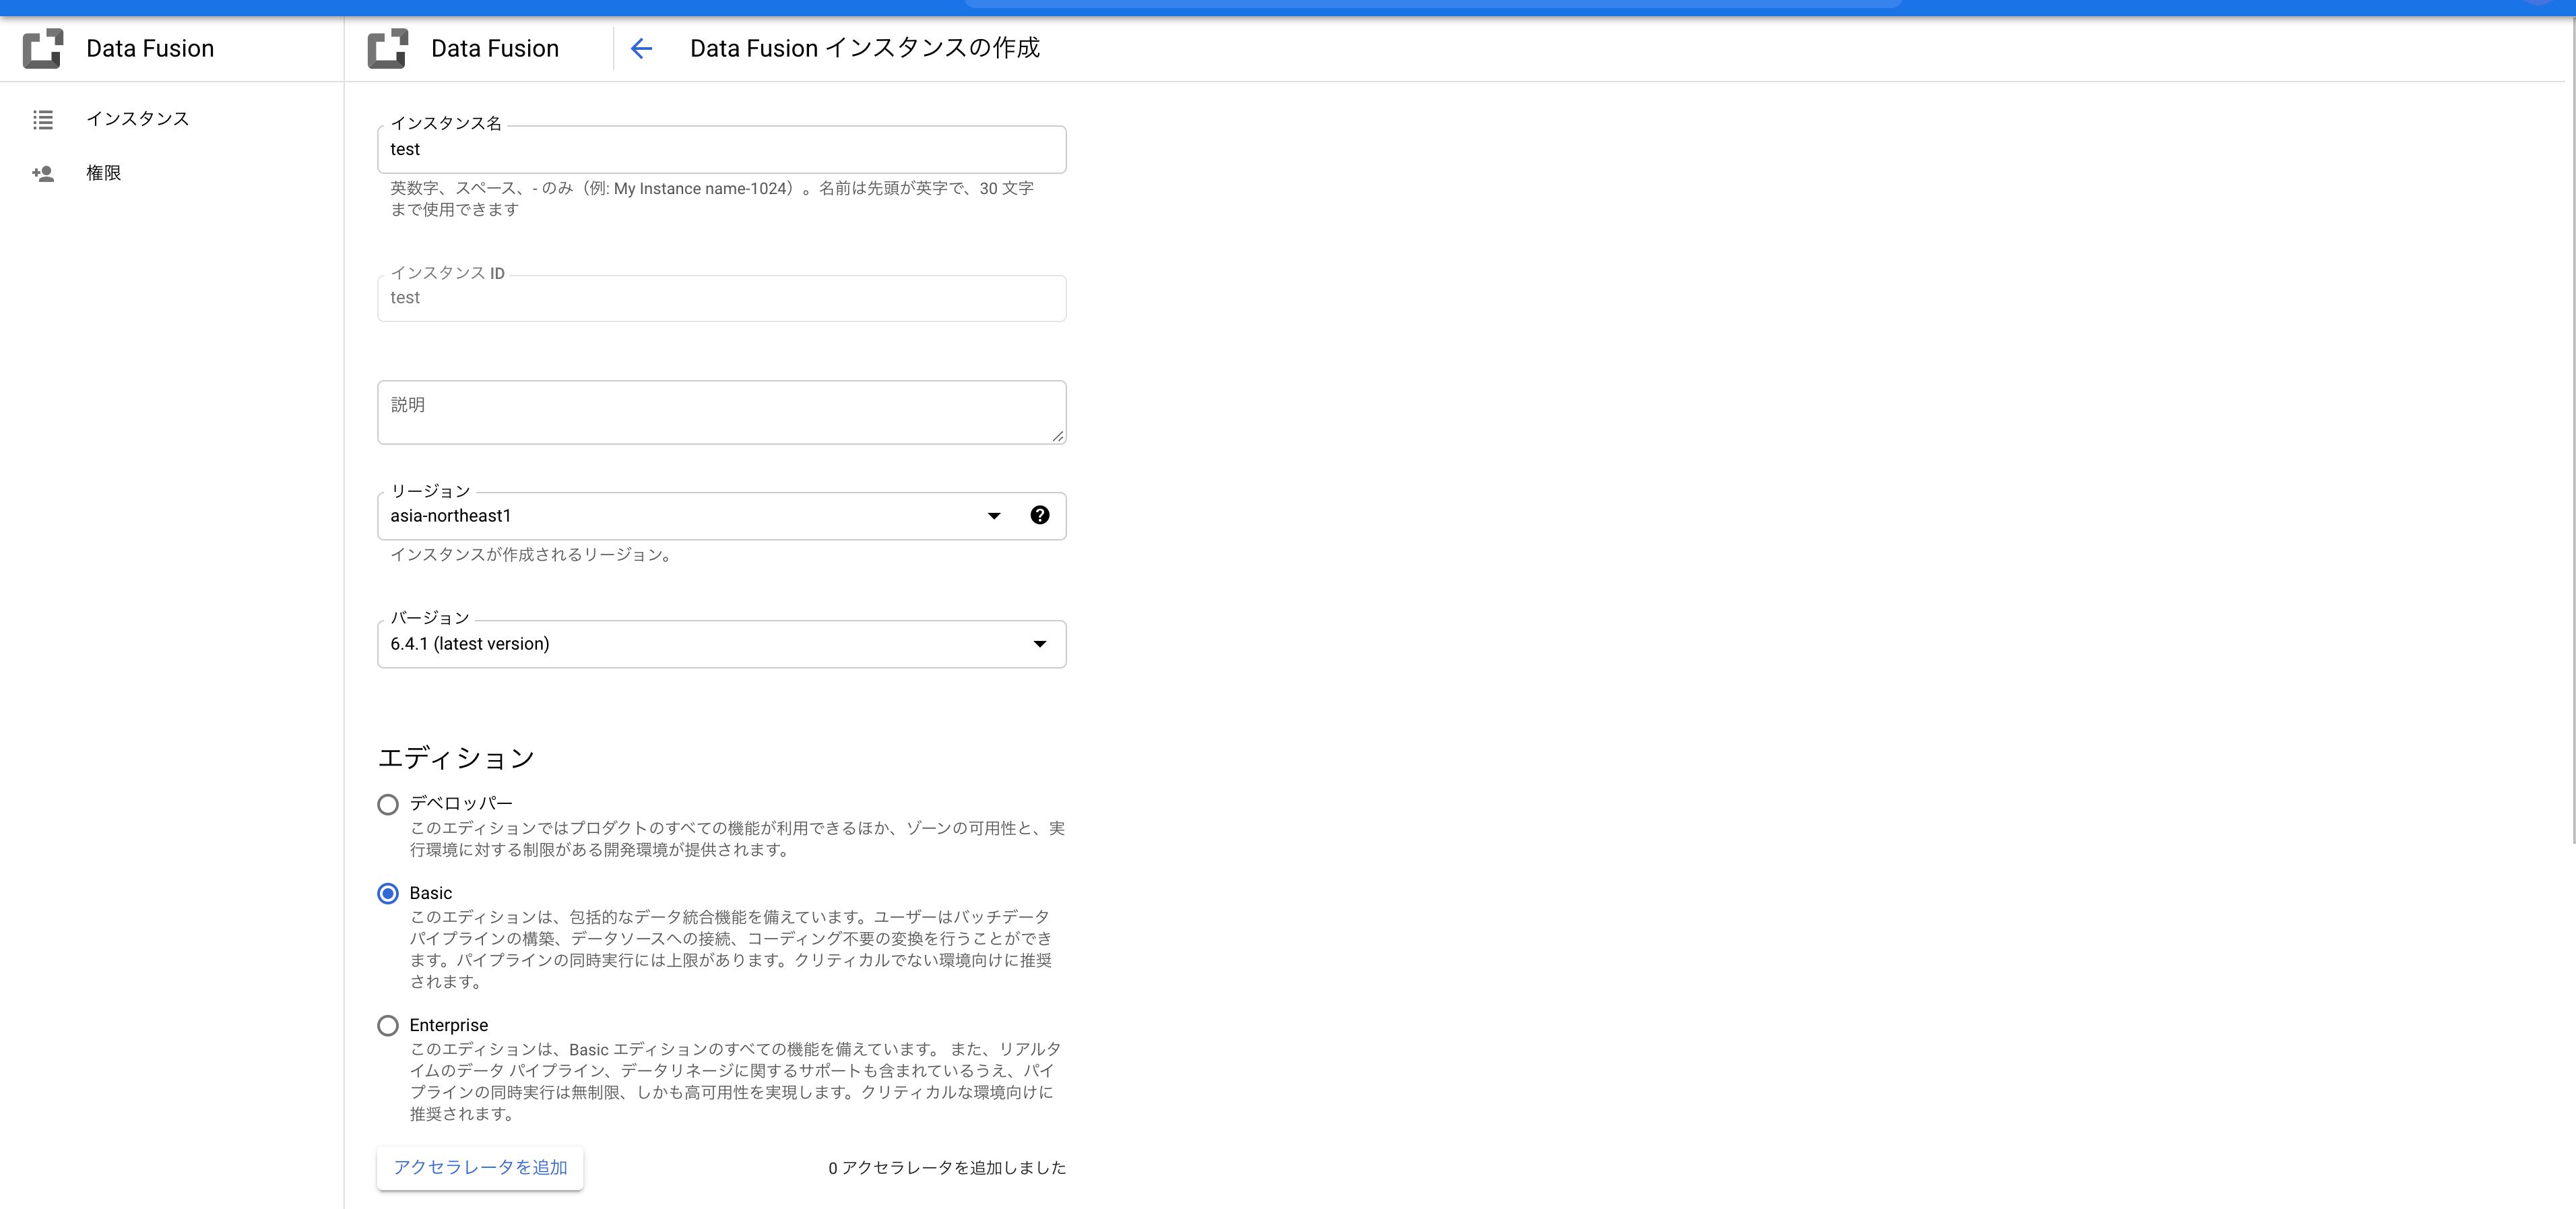 スクリーンショット 2021-09-09 14.16.48.png